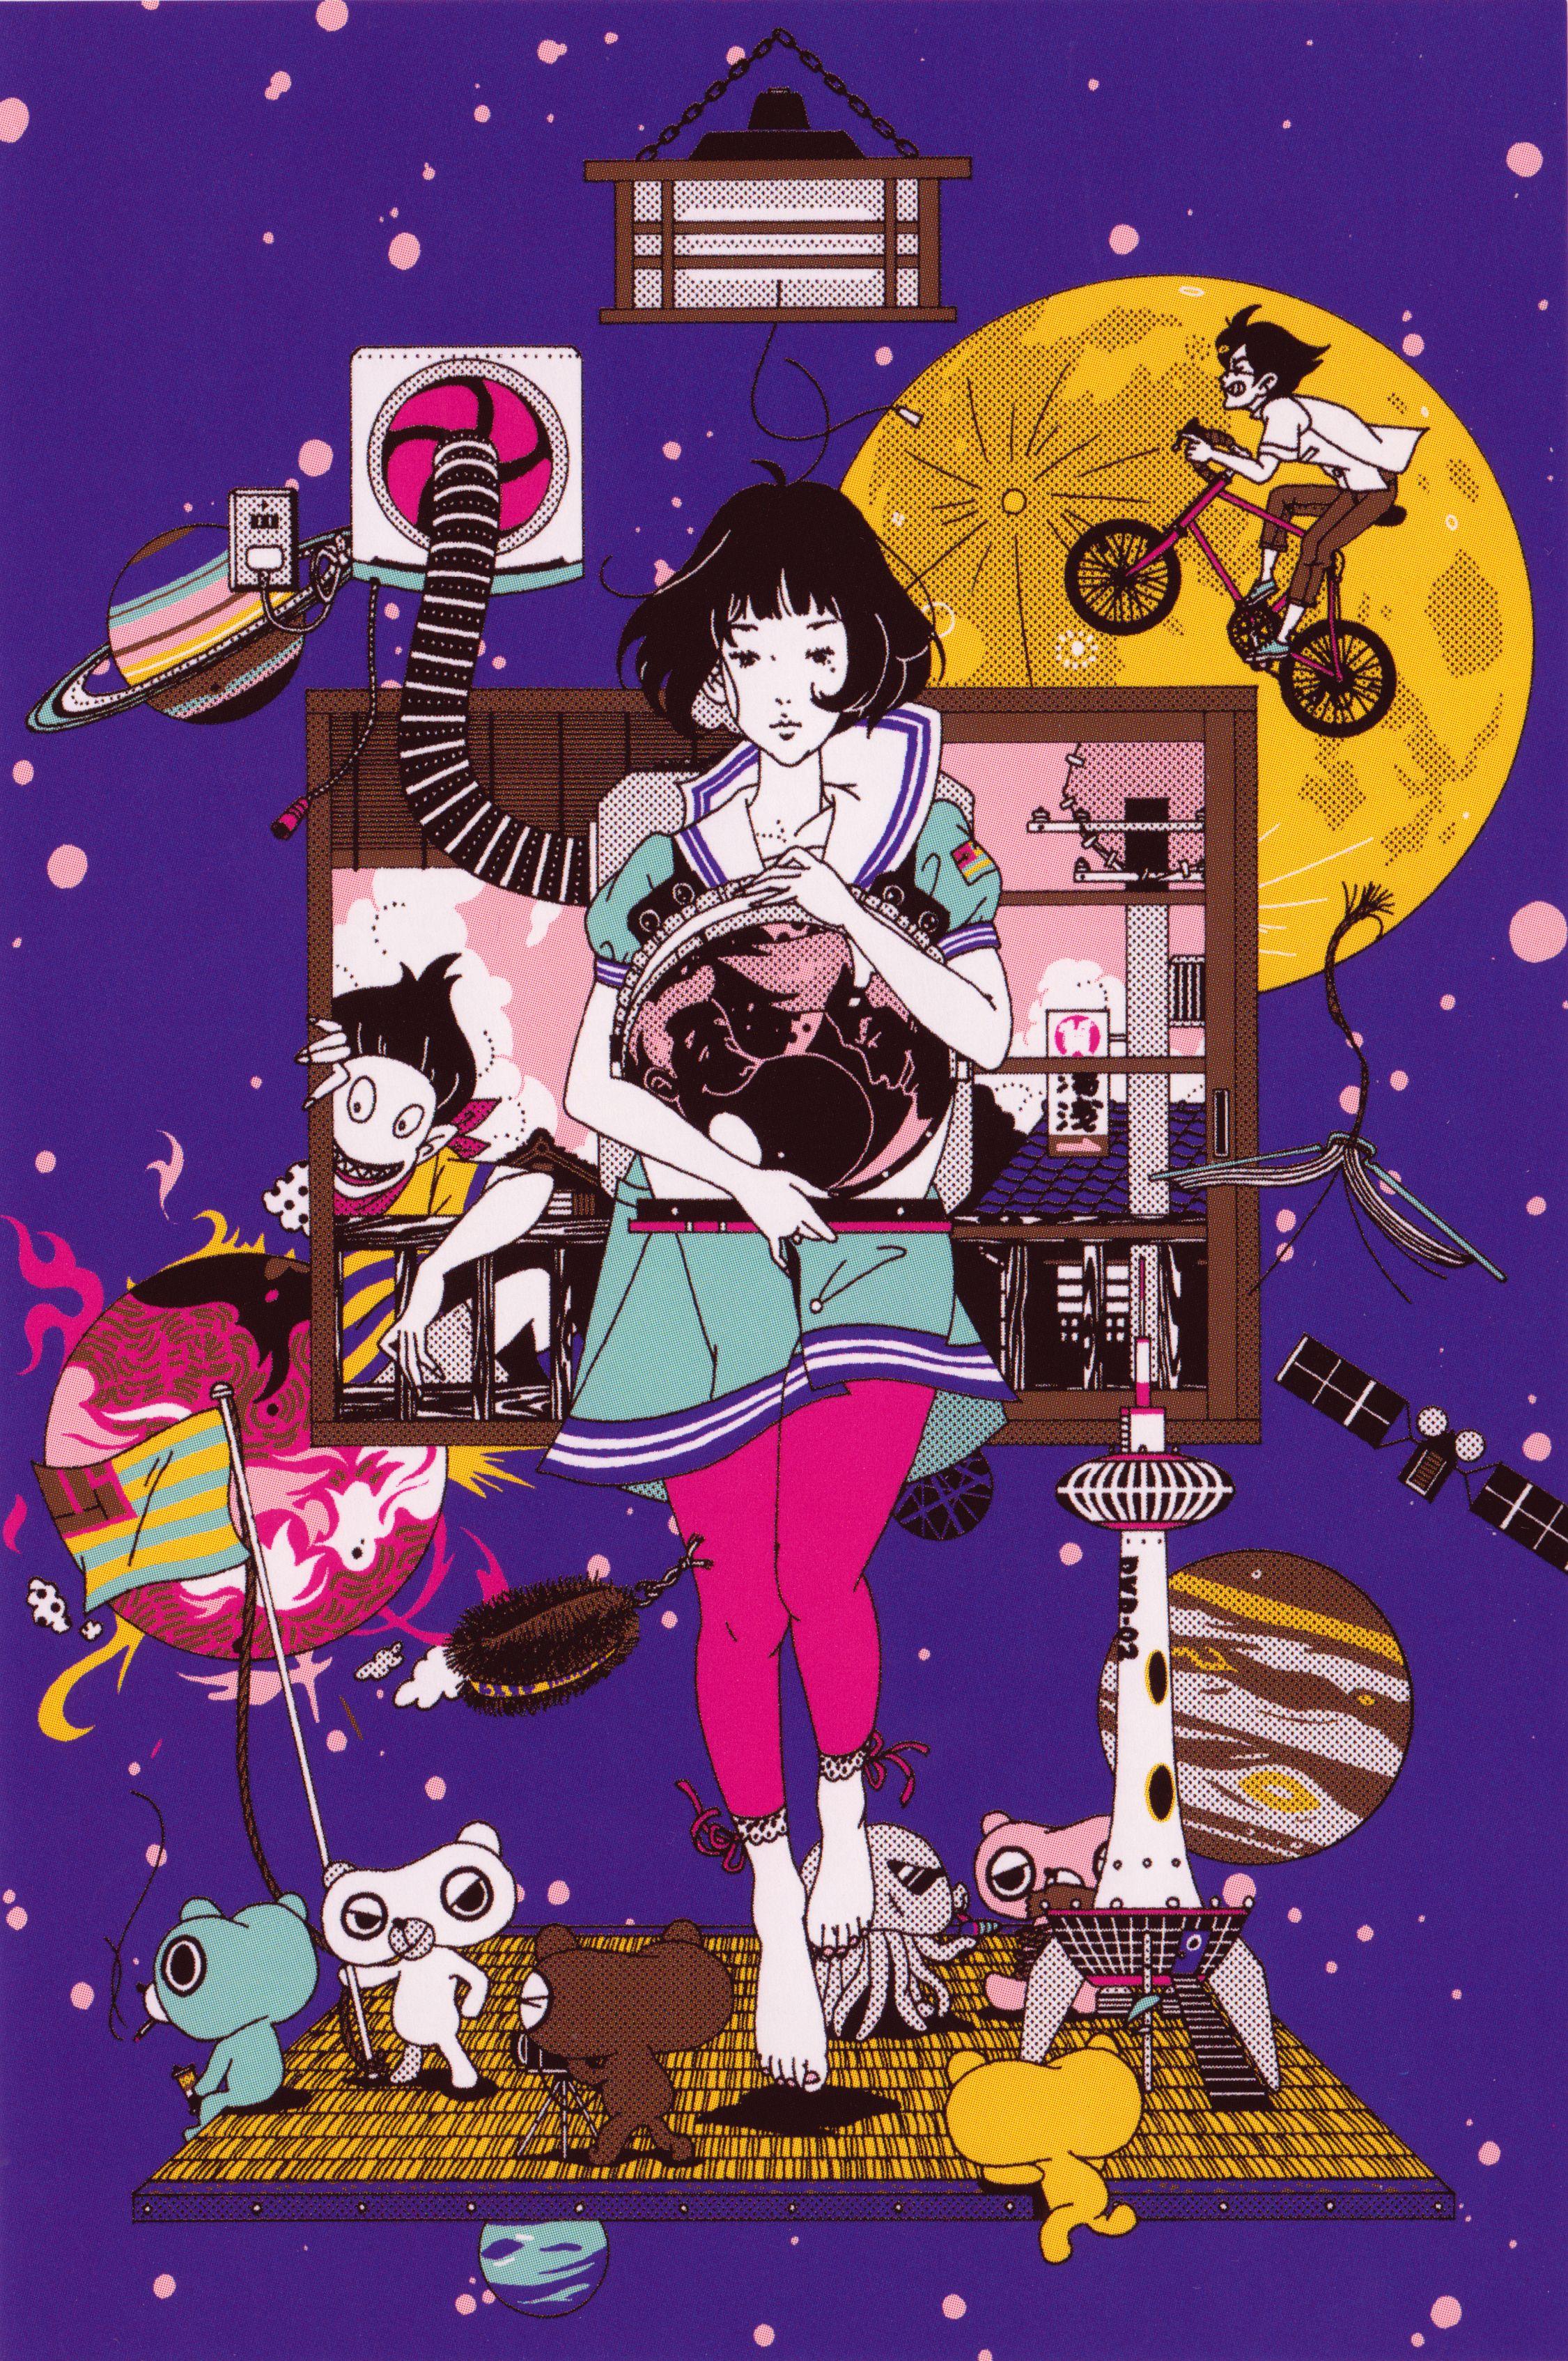 Download Yusuke Nakamura Red 06 2251x33 Anime Japanese Illustration Cute Art